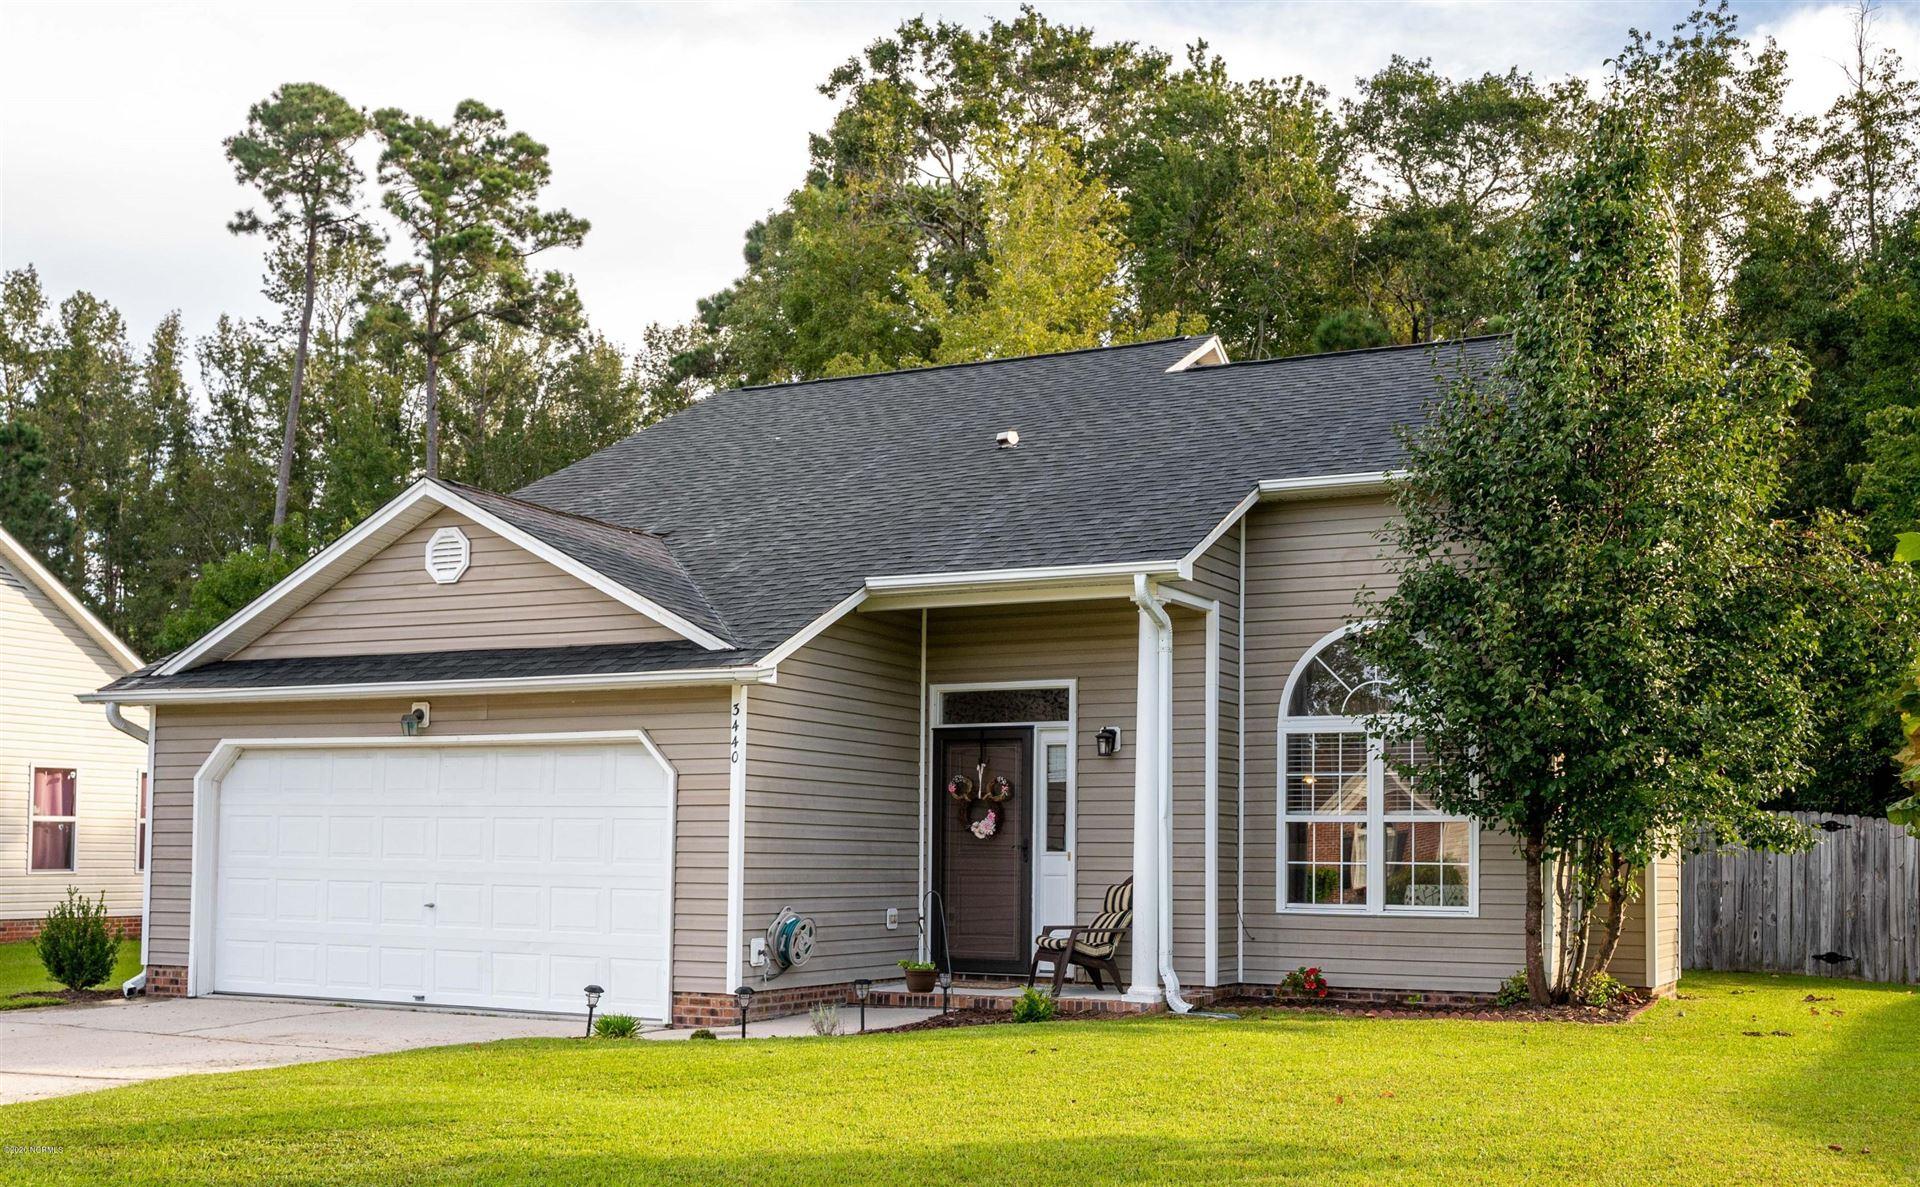 3440 Constable Way, Wilmington, NC 28405 - MLS#: 100238212